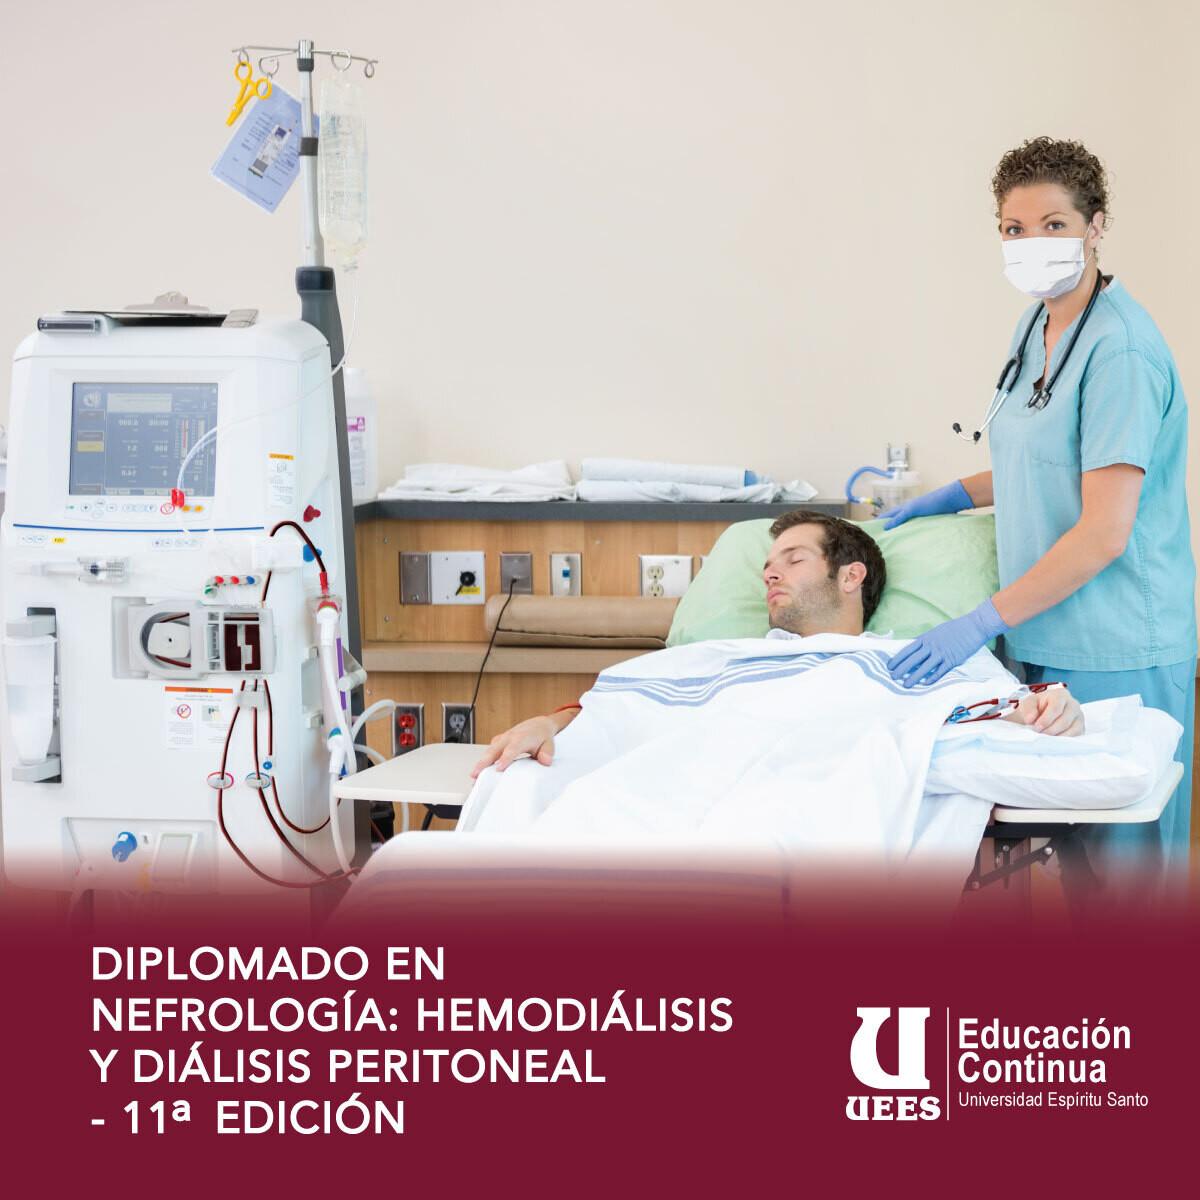 Diplomado Nefrología: Hemodiálisis y Diálisis Peritoneal